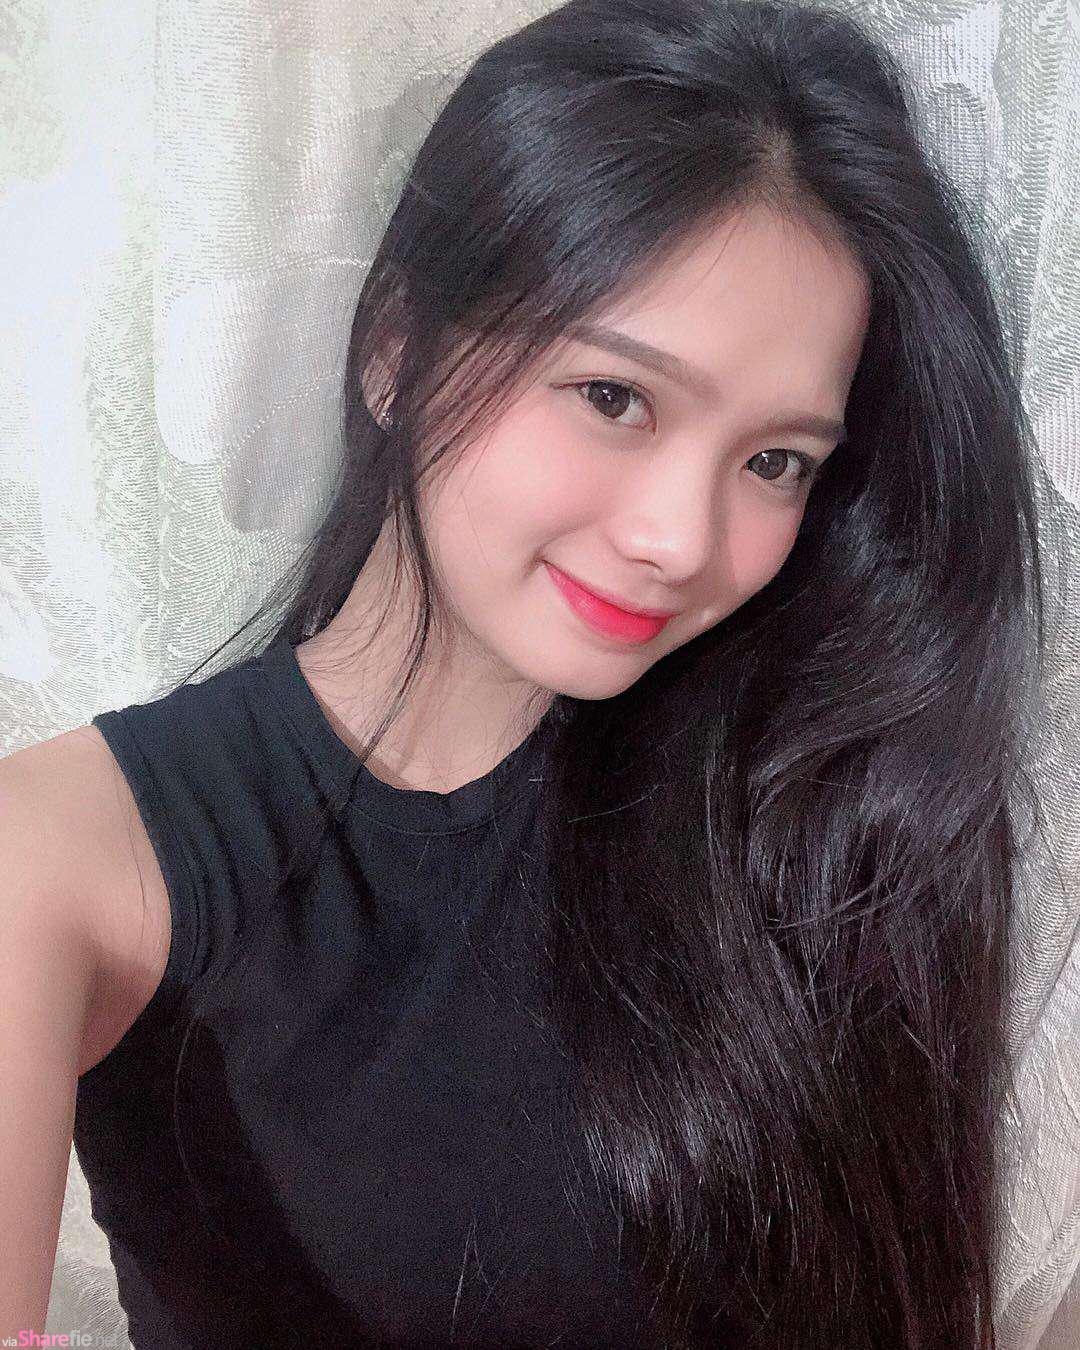 越南长髮正妹,甜美眼神好迷人